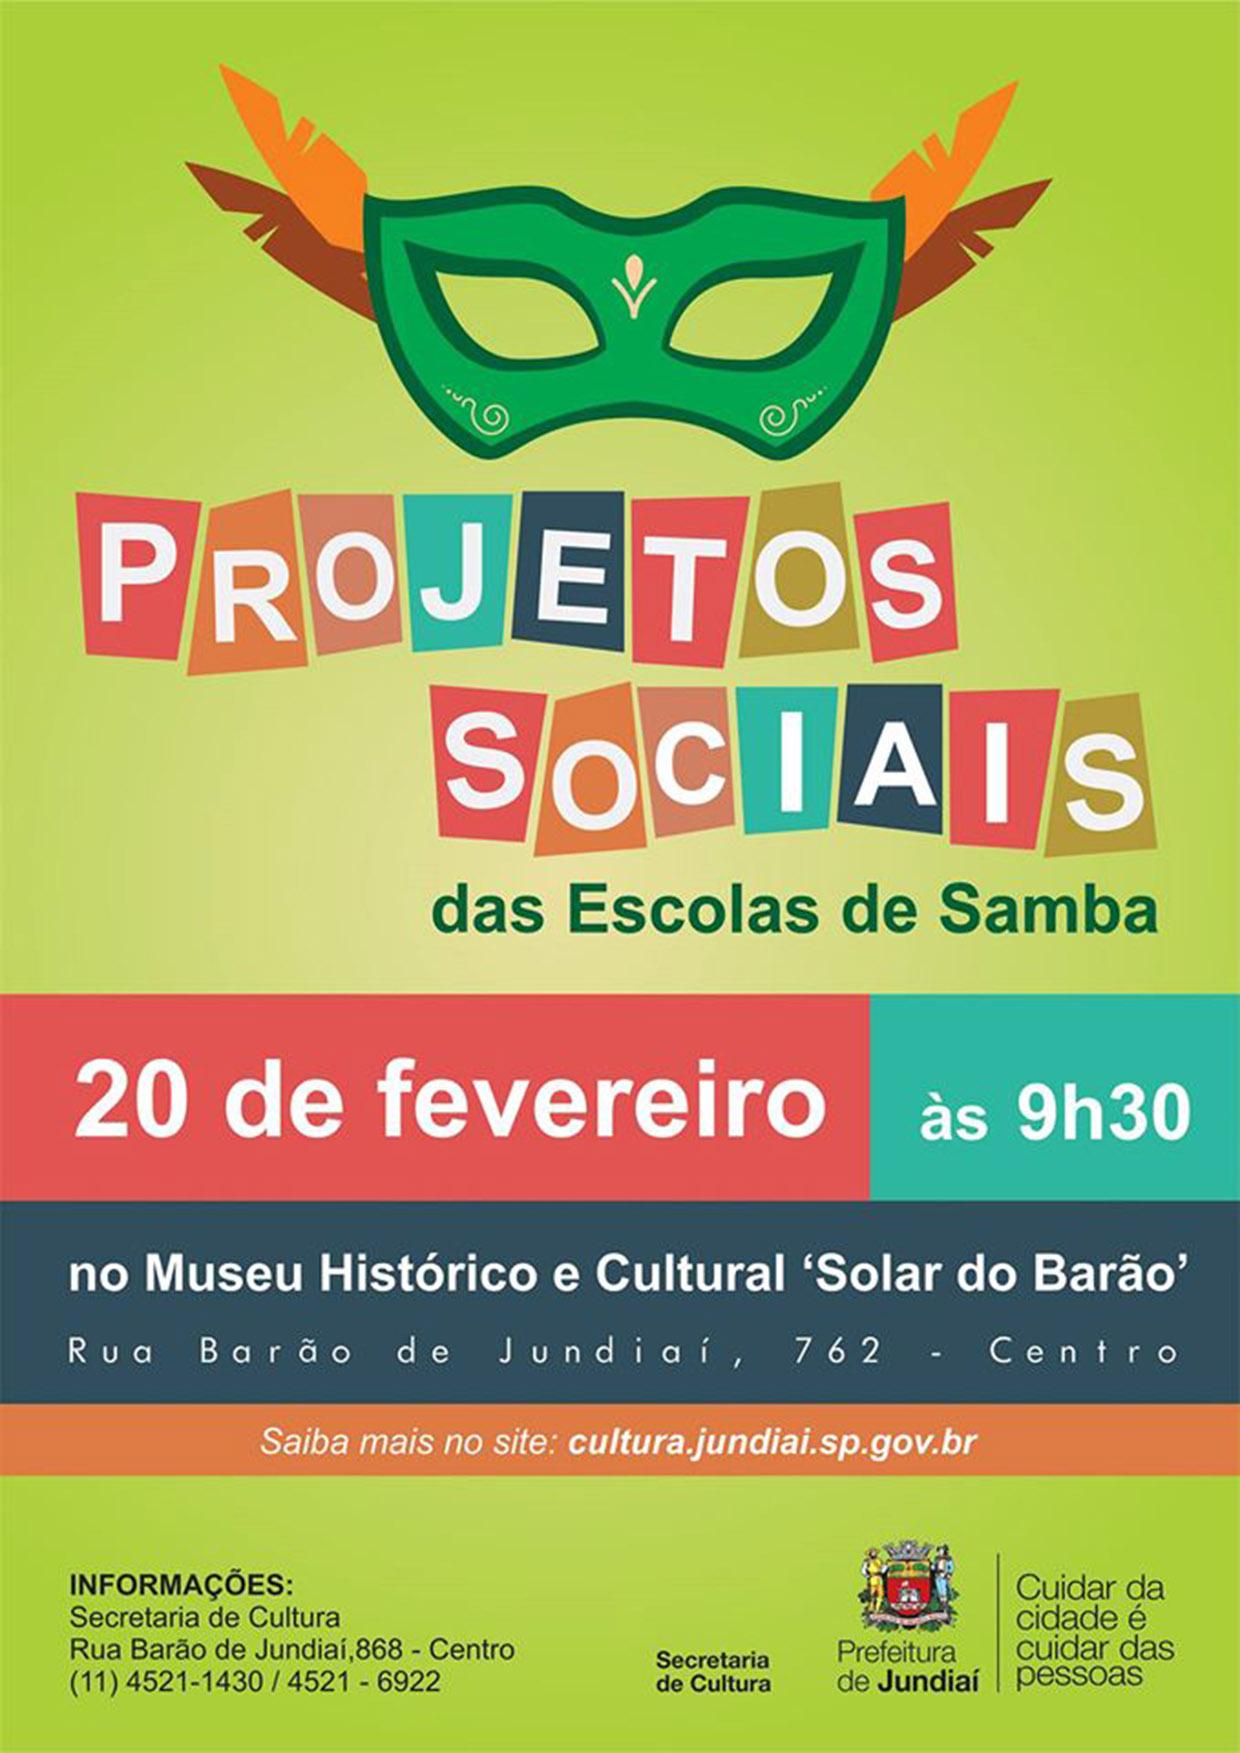 Encontro orienta a integração entre as escolas de samba e suas comunidades